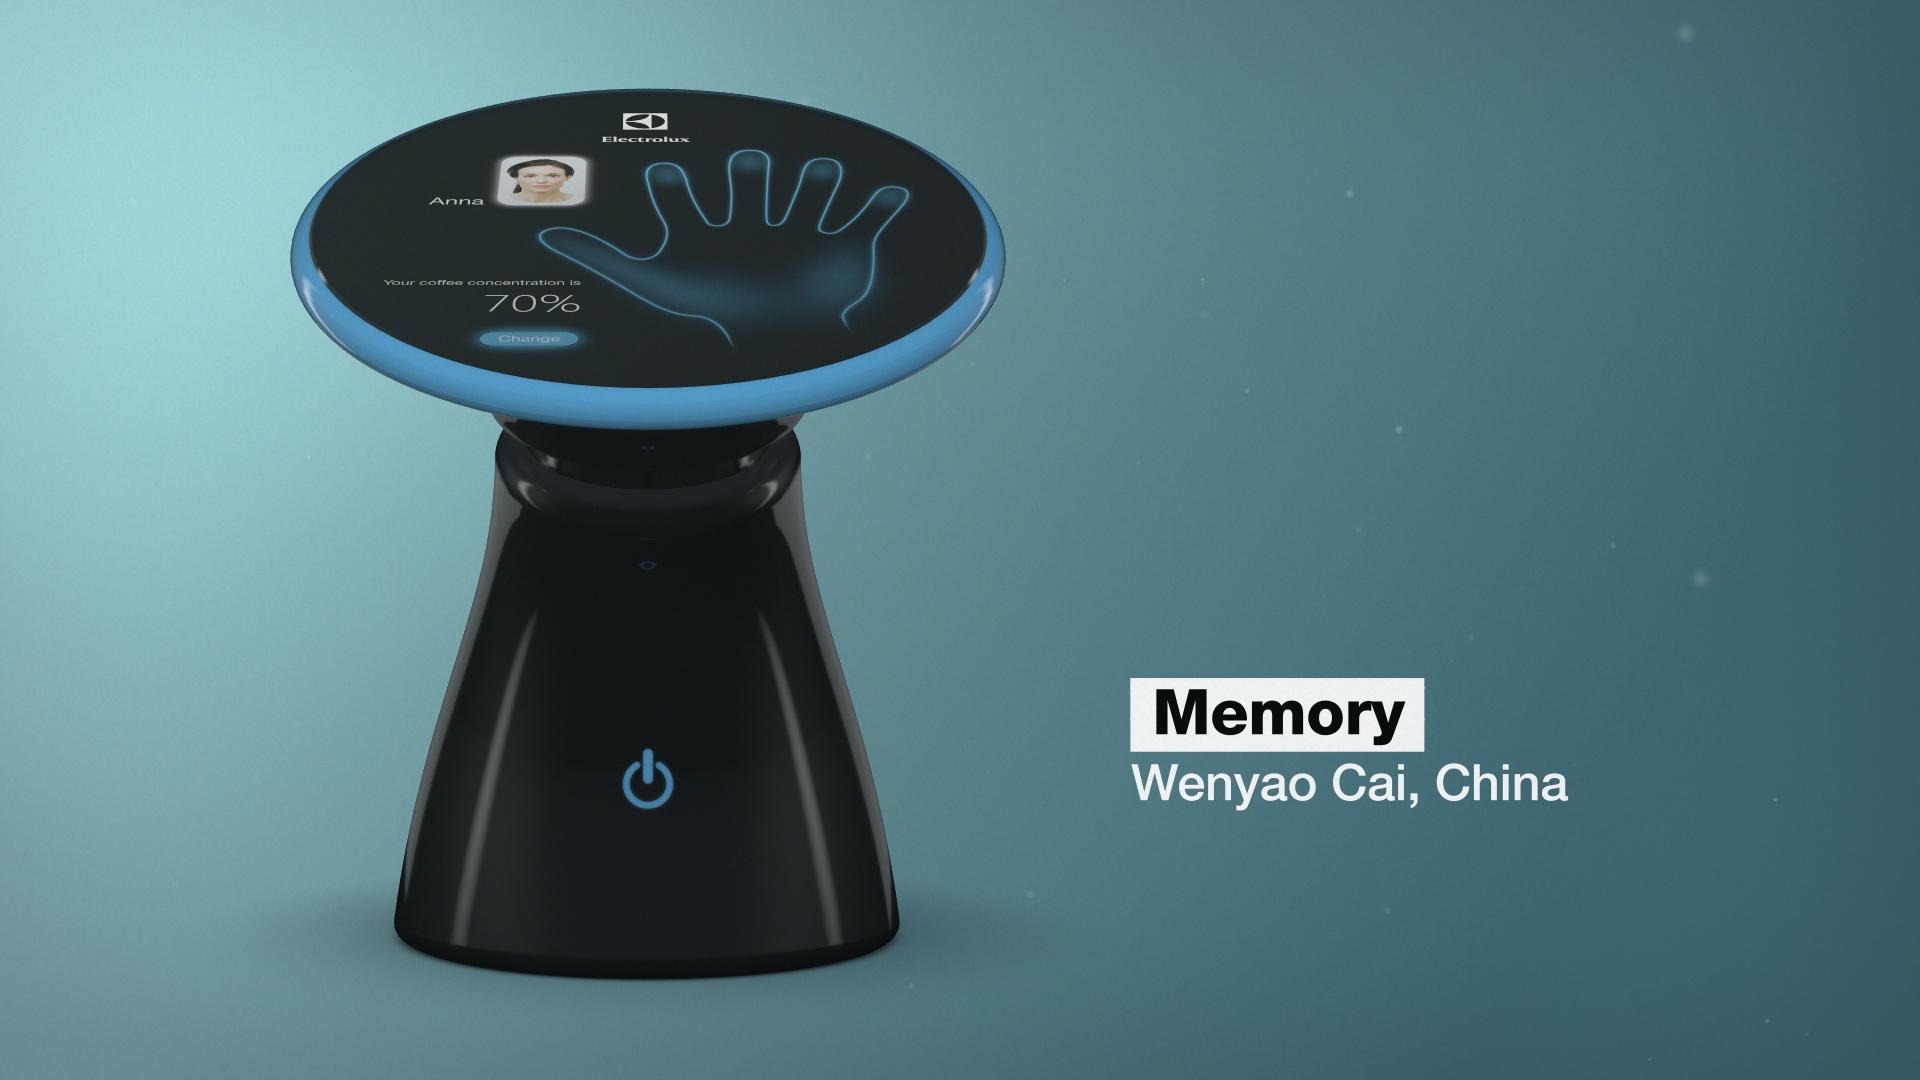 Máquina de café Memory